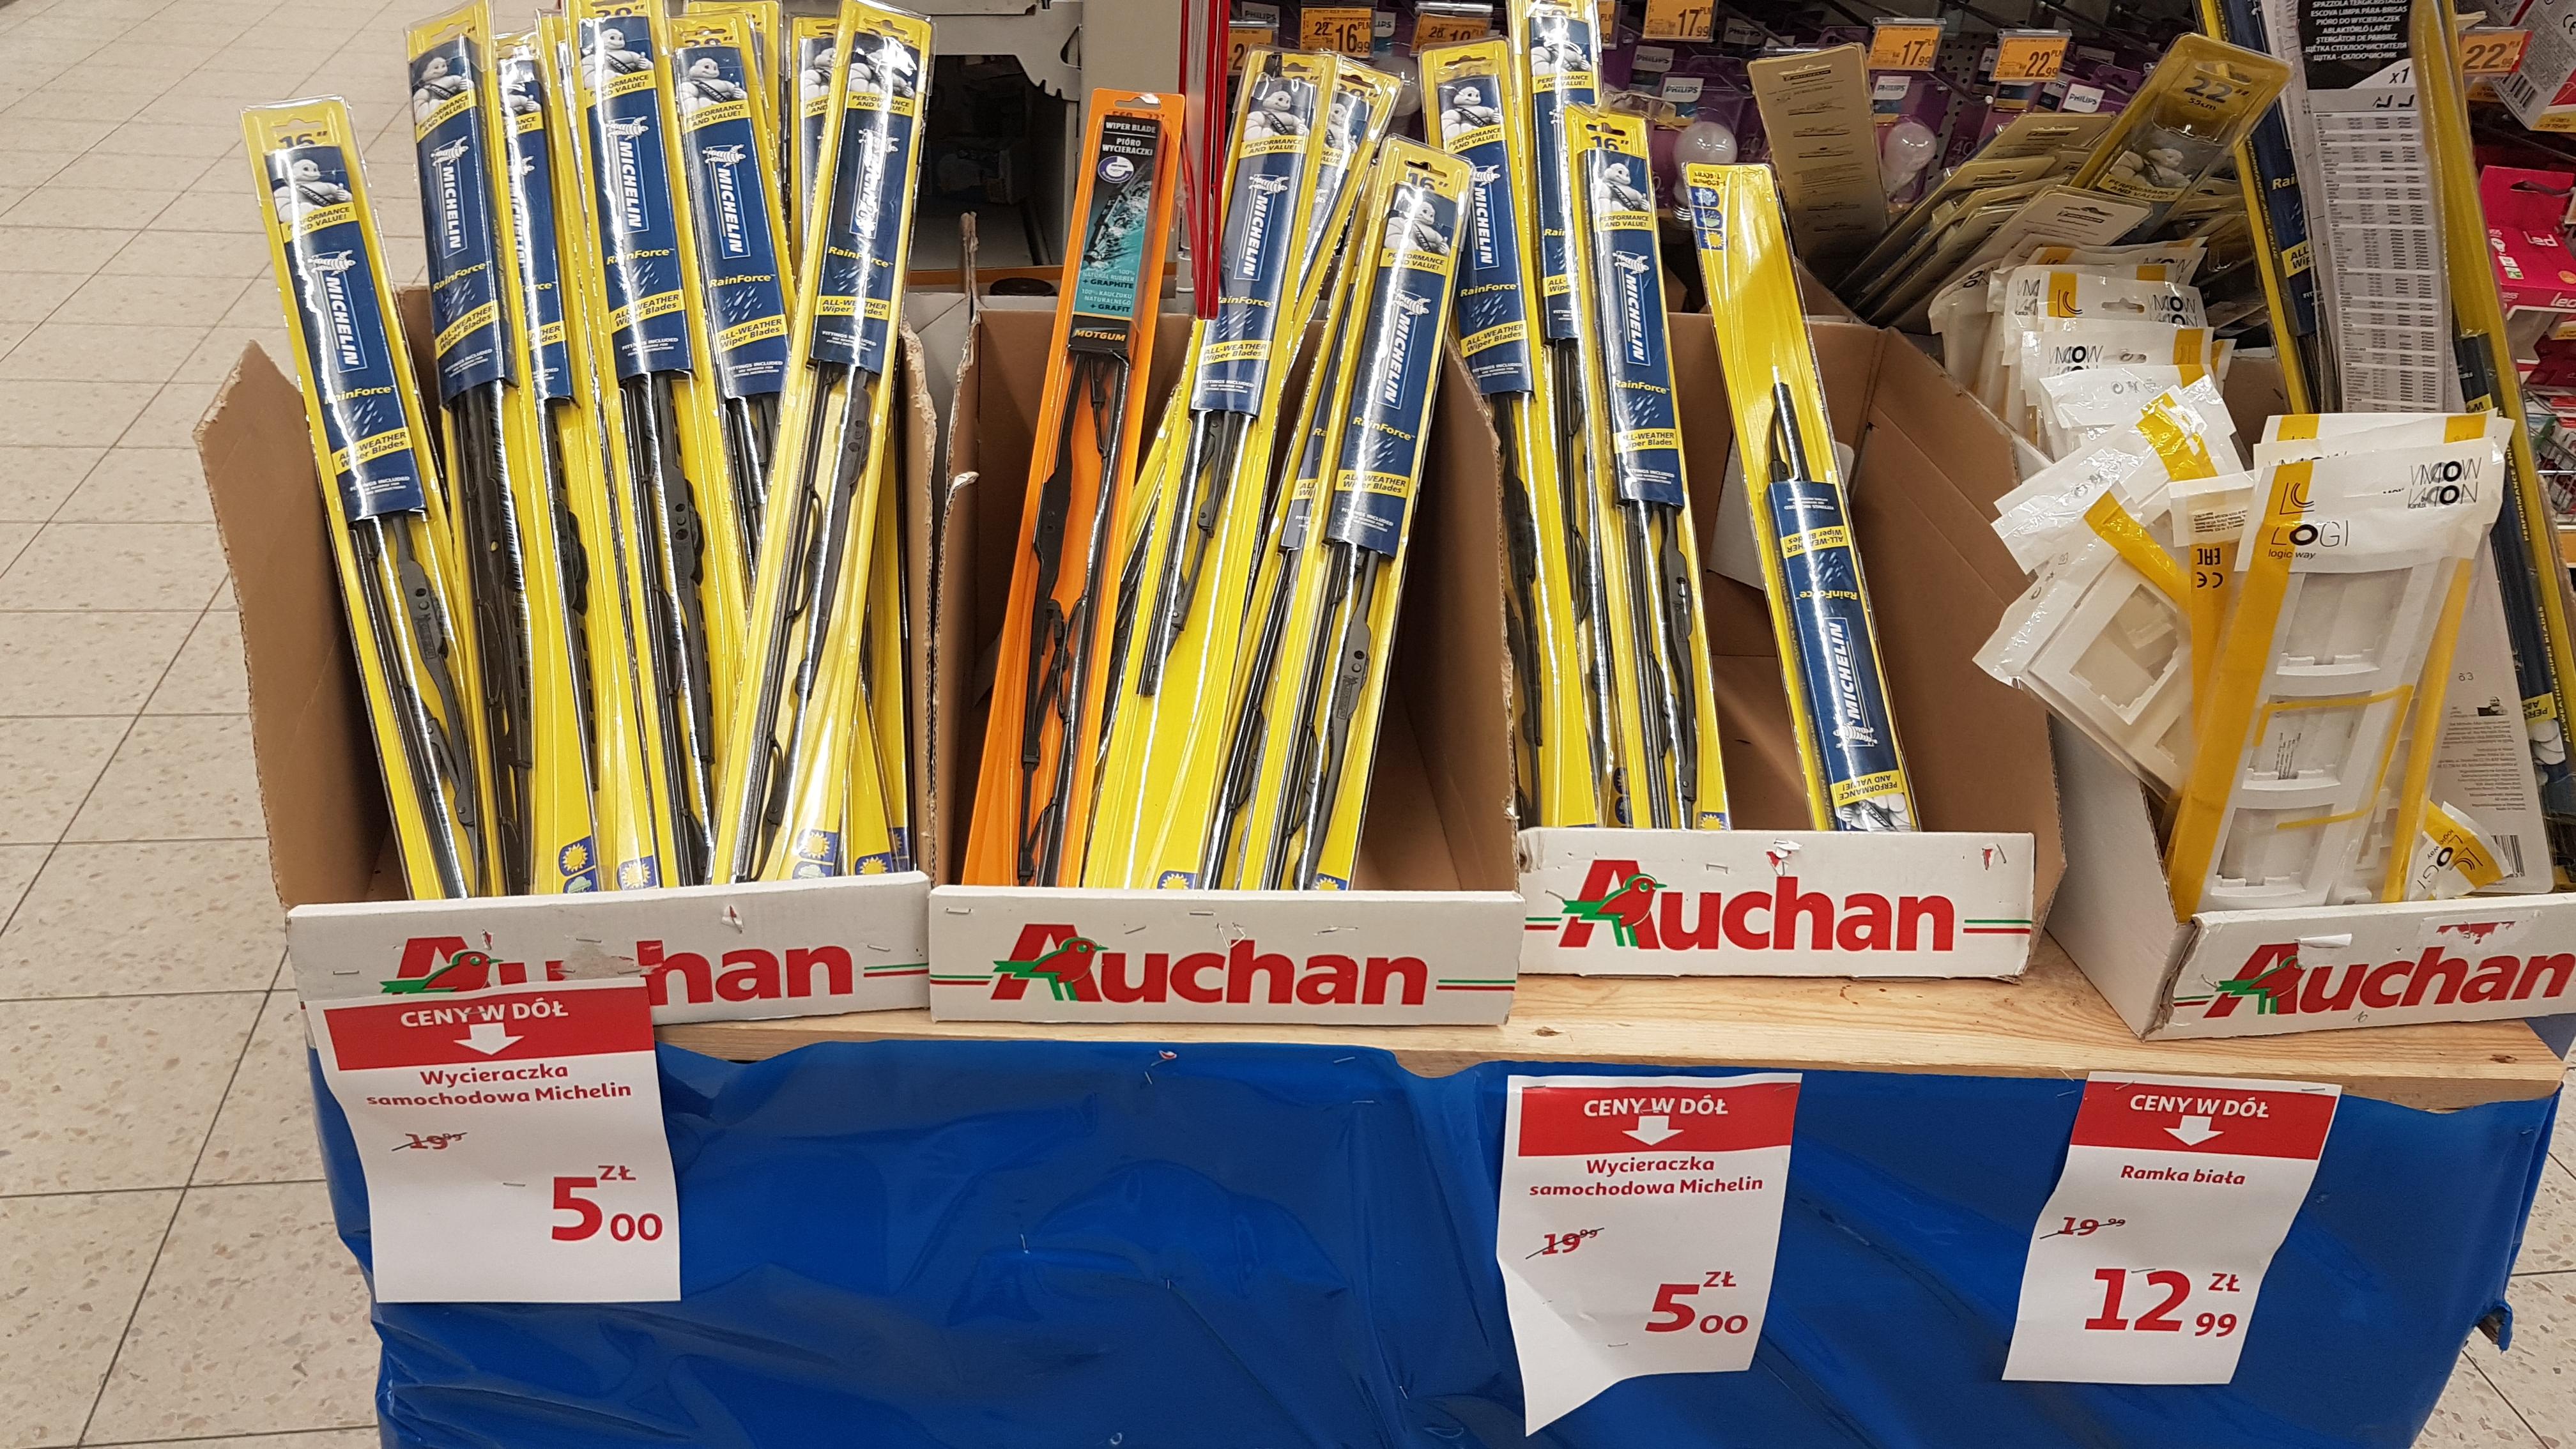 Wycieraczki Michelin, Auchan - WYPRZEDAŻ